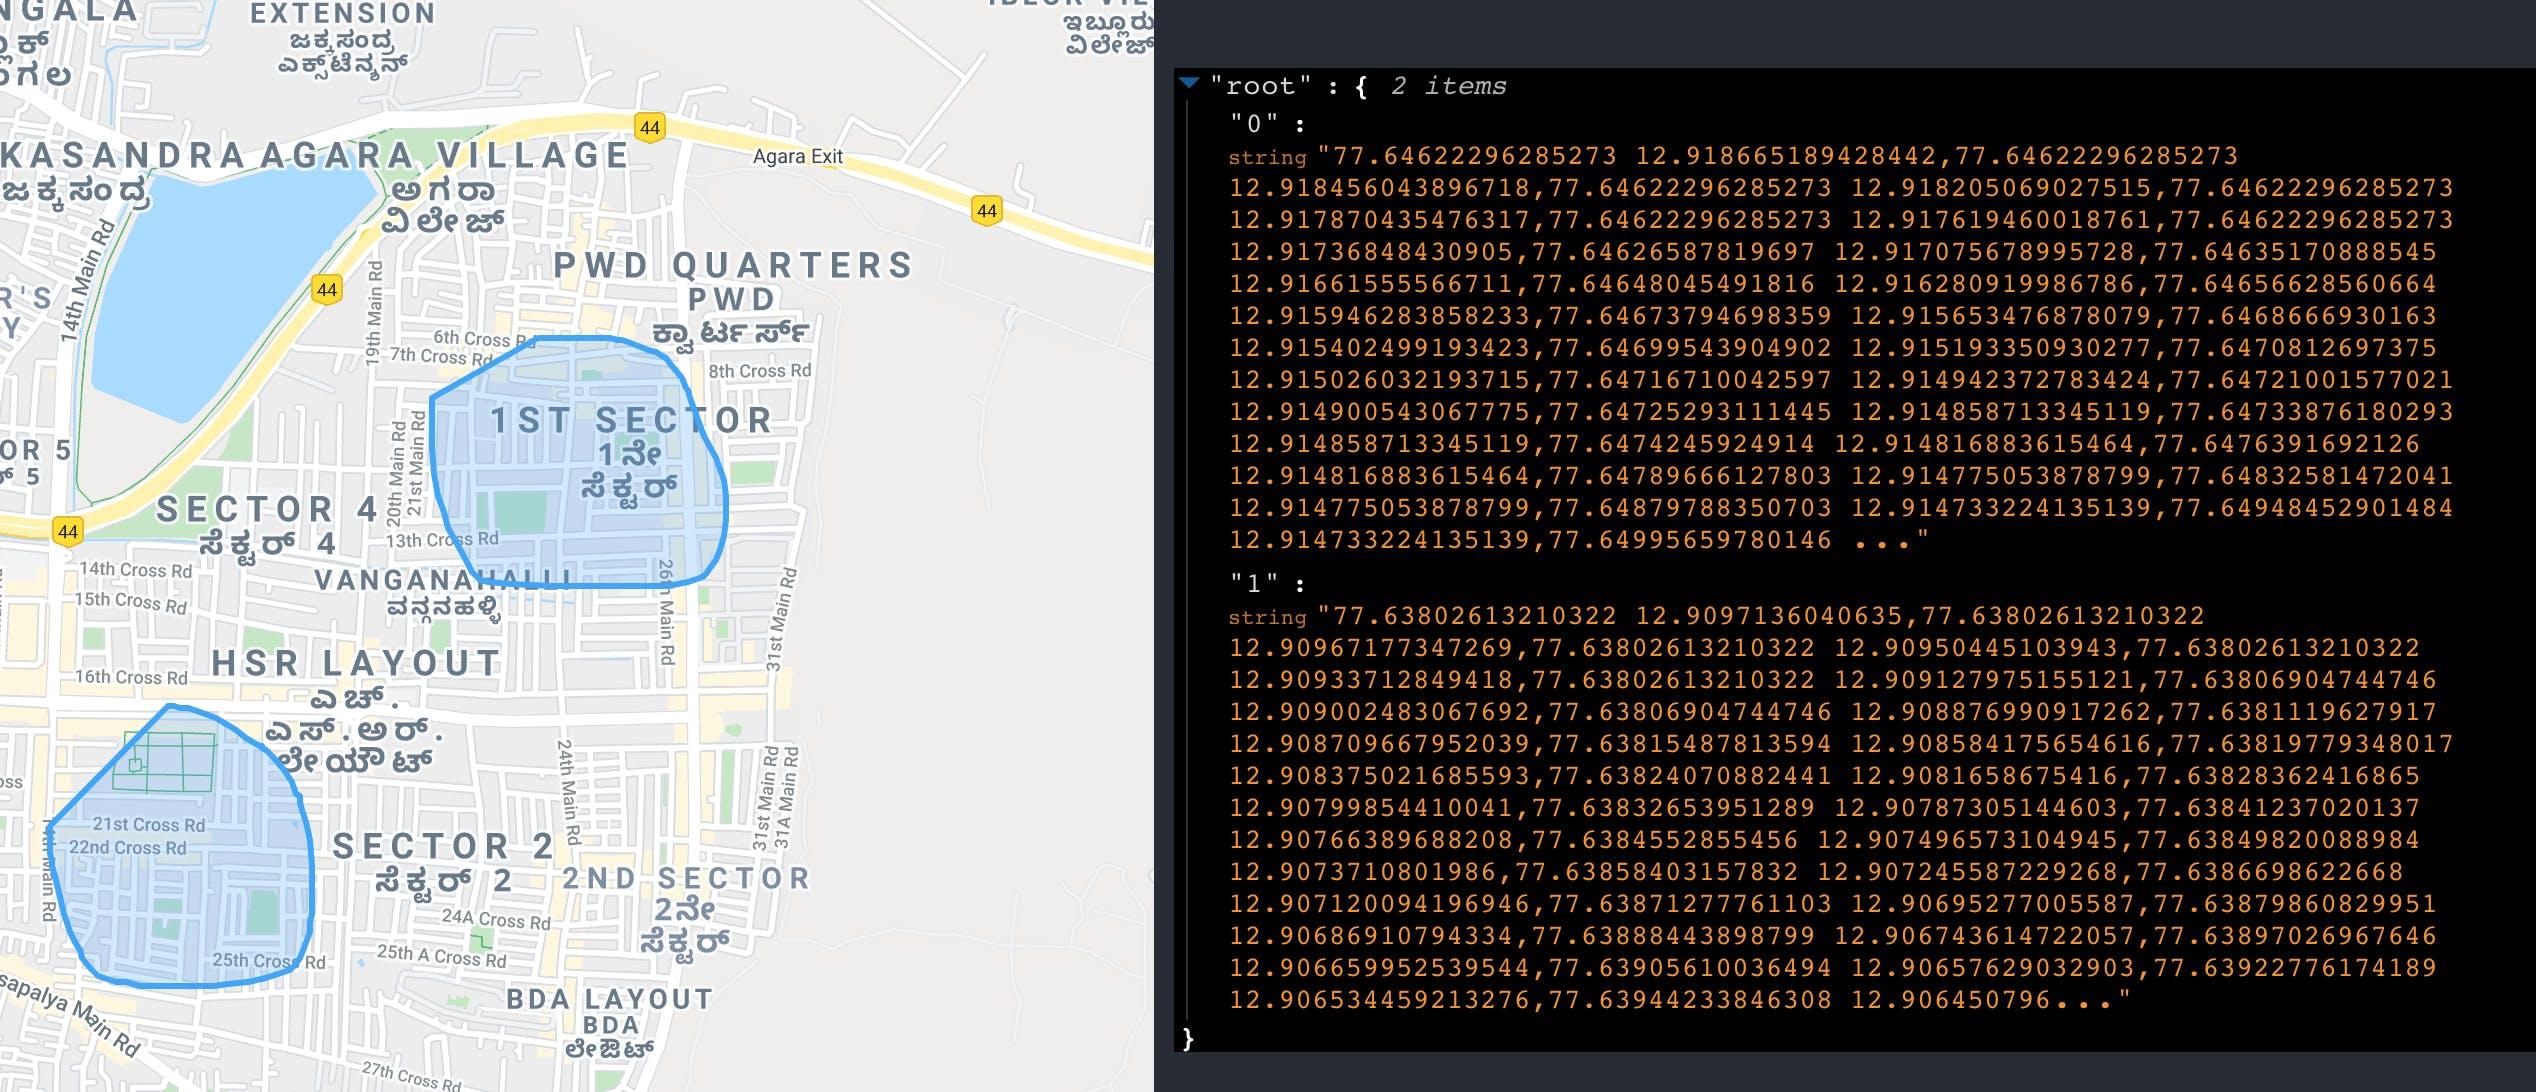 Screenshot 2021-05-15 at 3.11.19 AM.png